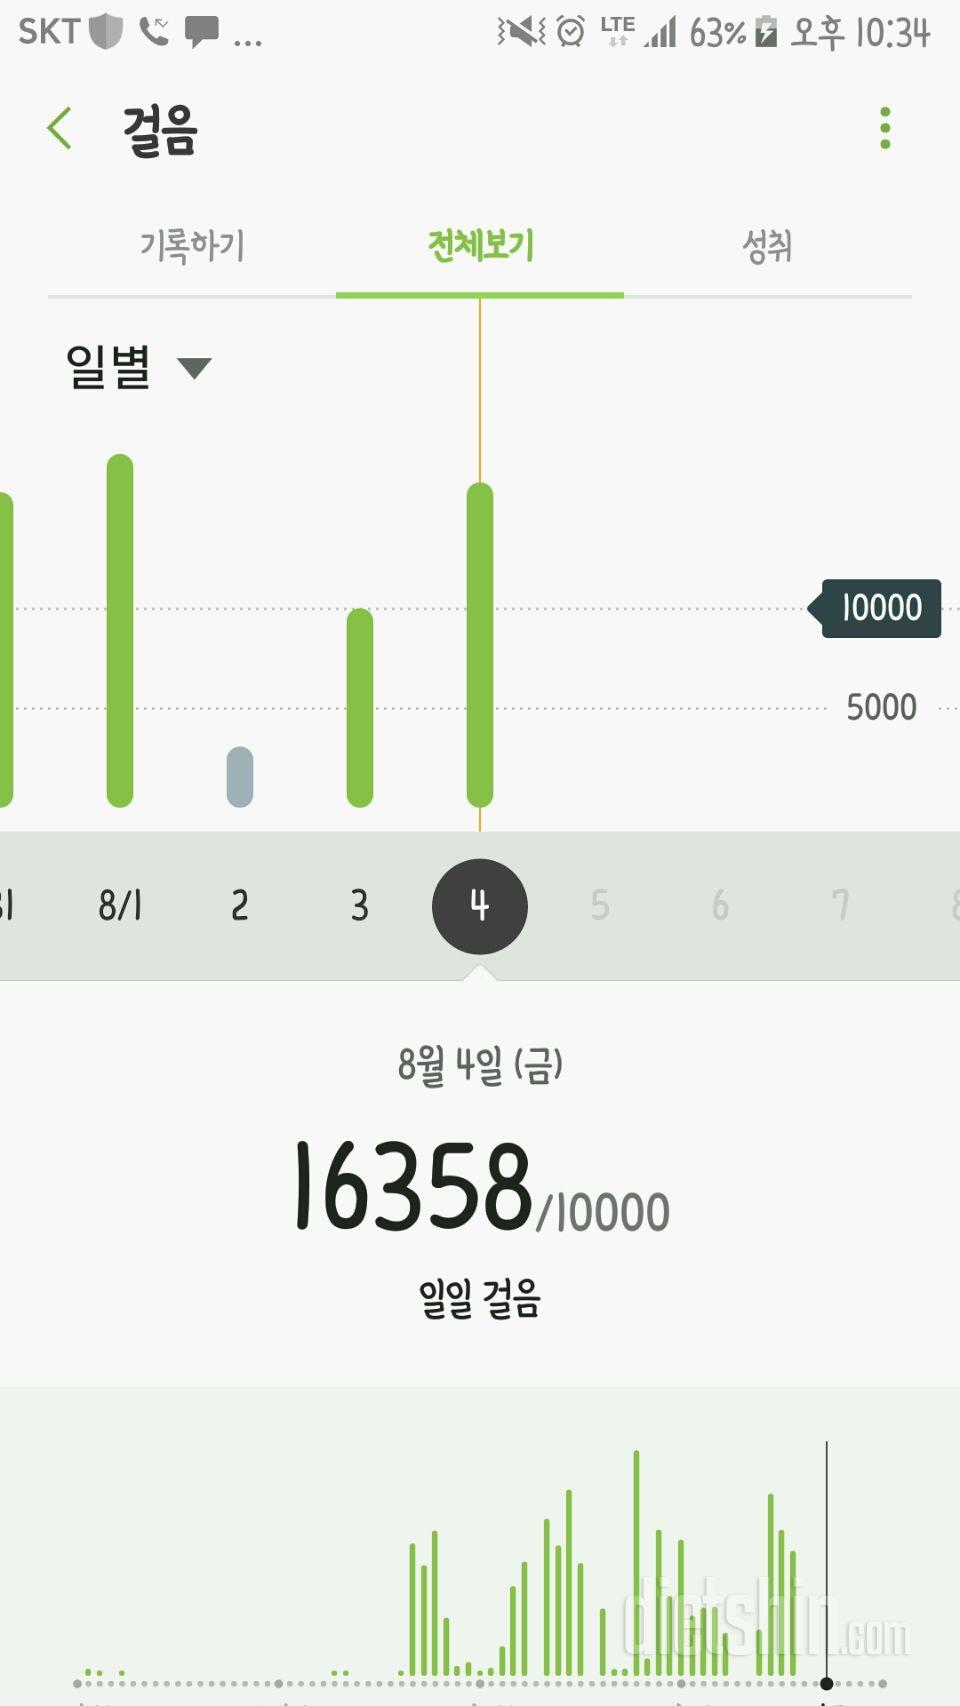 30일 만보 걷기 33일차 성공!